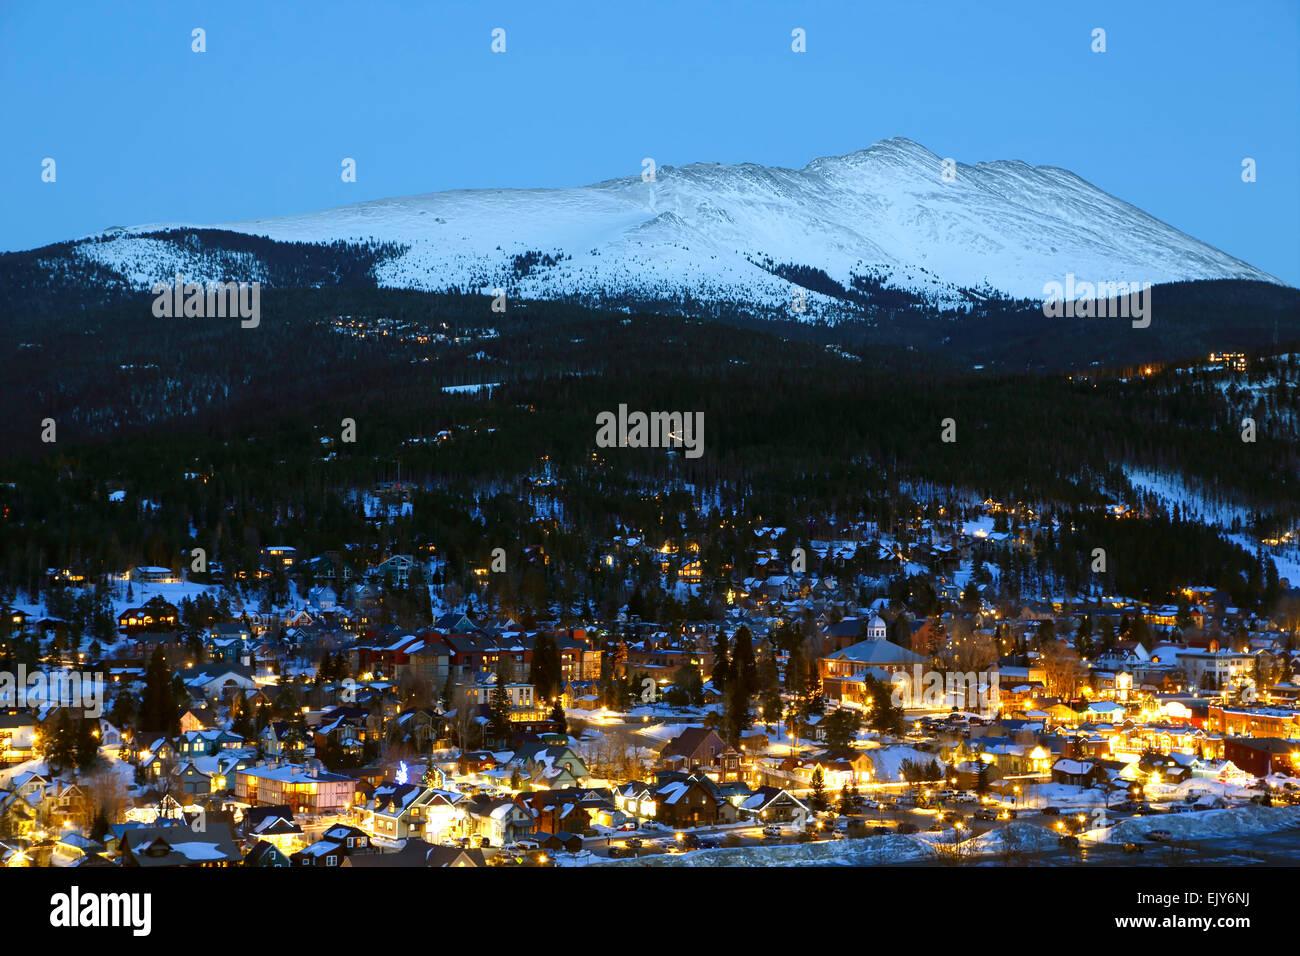 Cubiertas de nieve, el Monte Calvo y Breckenridge, Colorado, EE.UU. Imagen De Stock